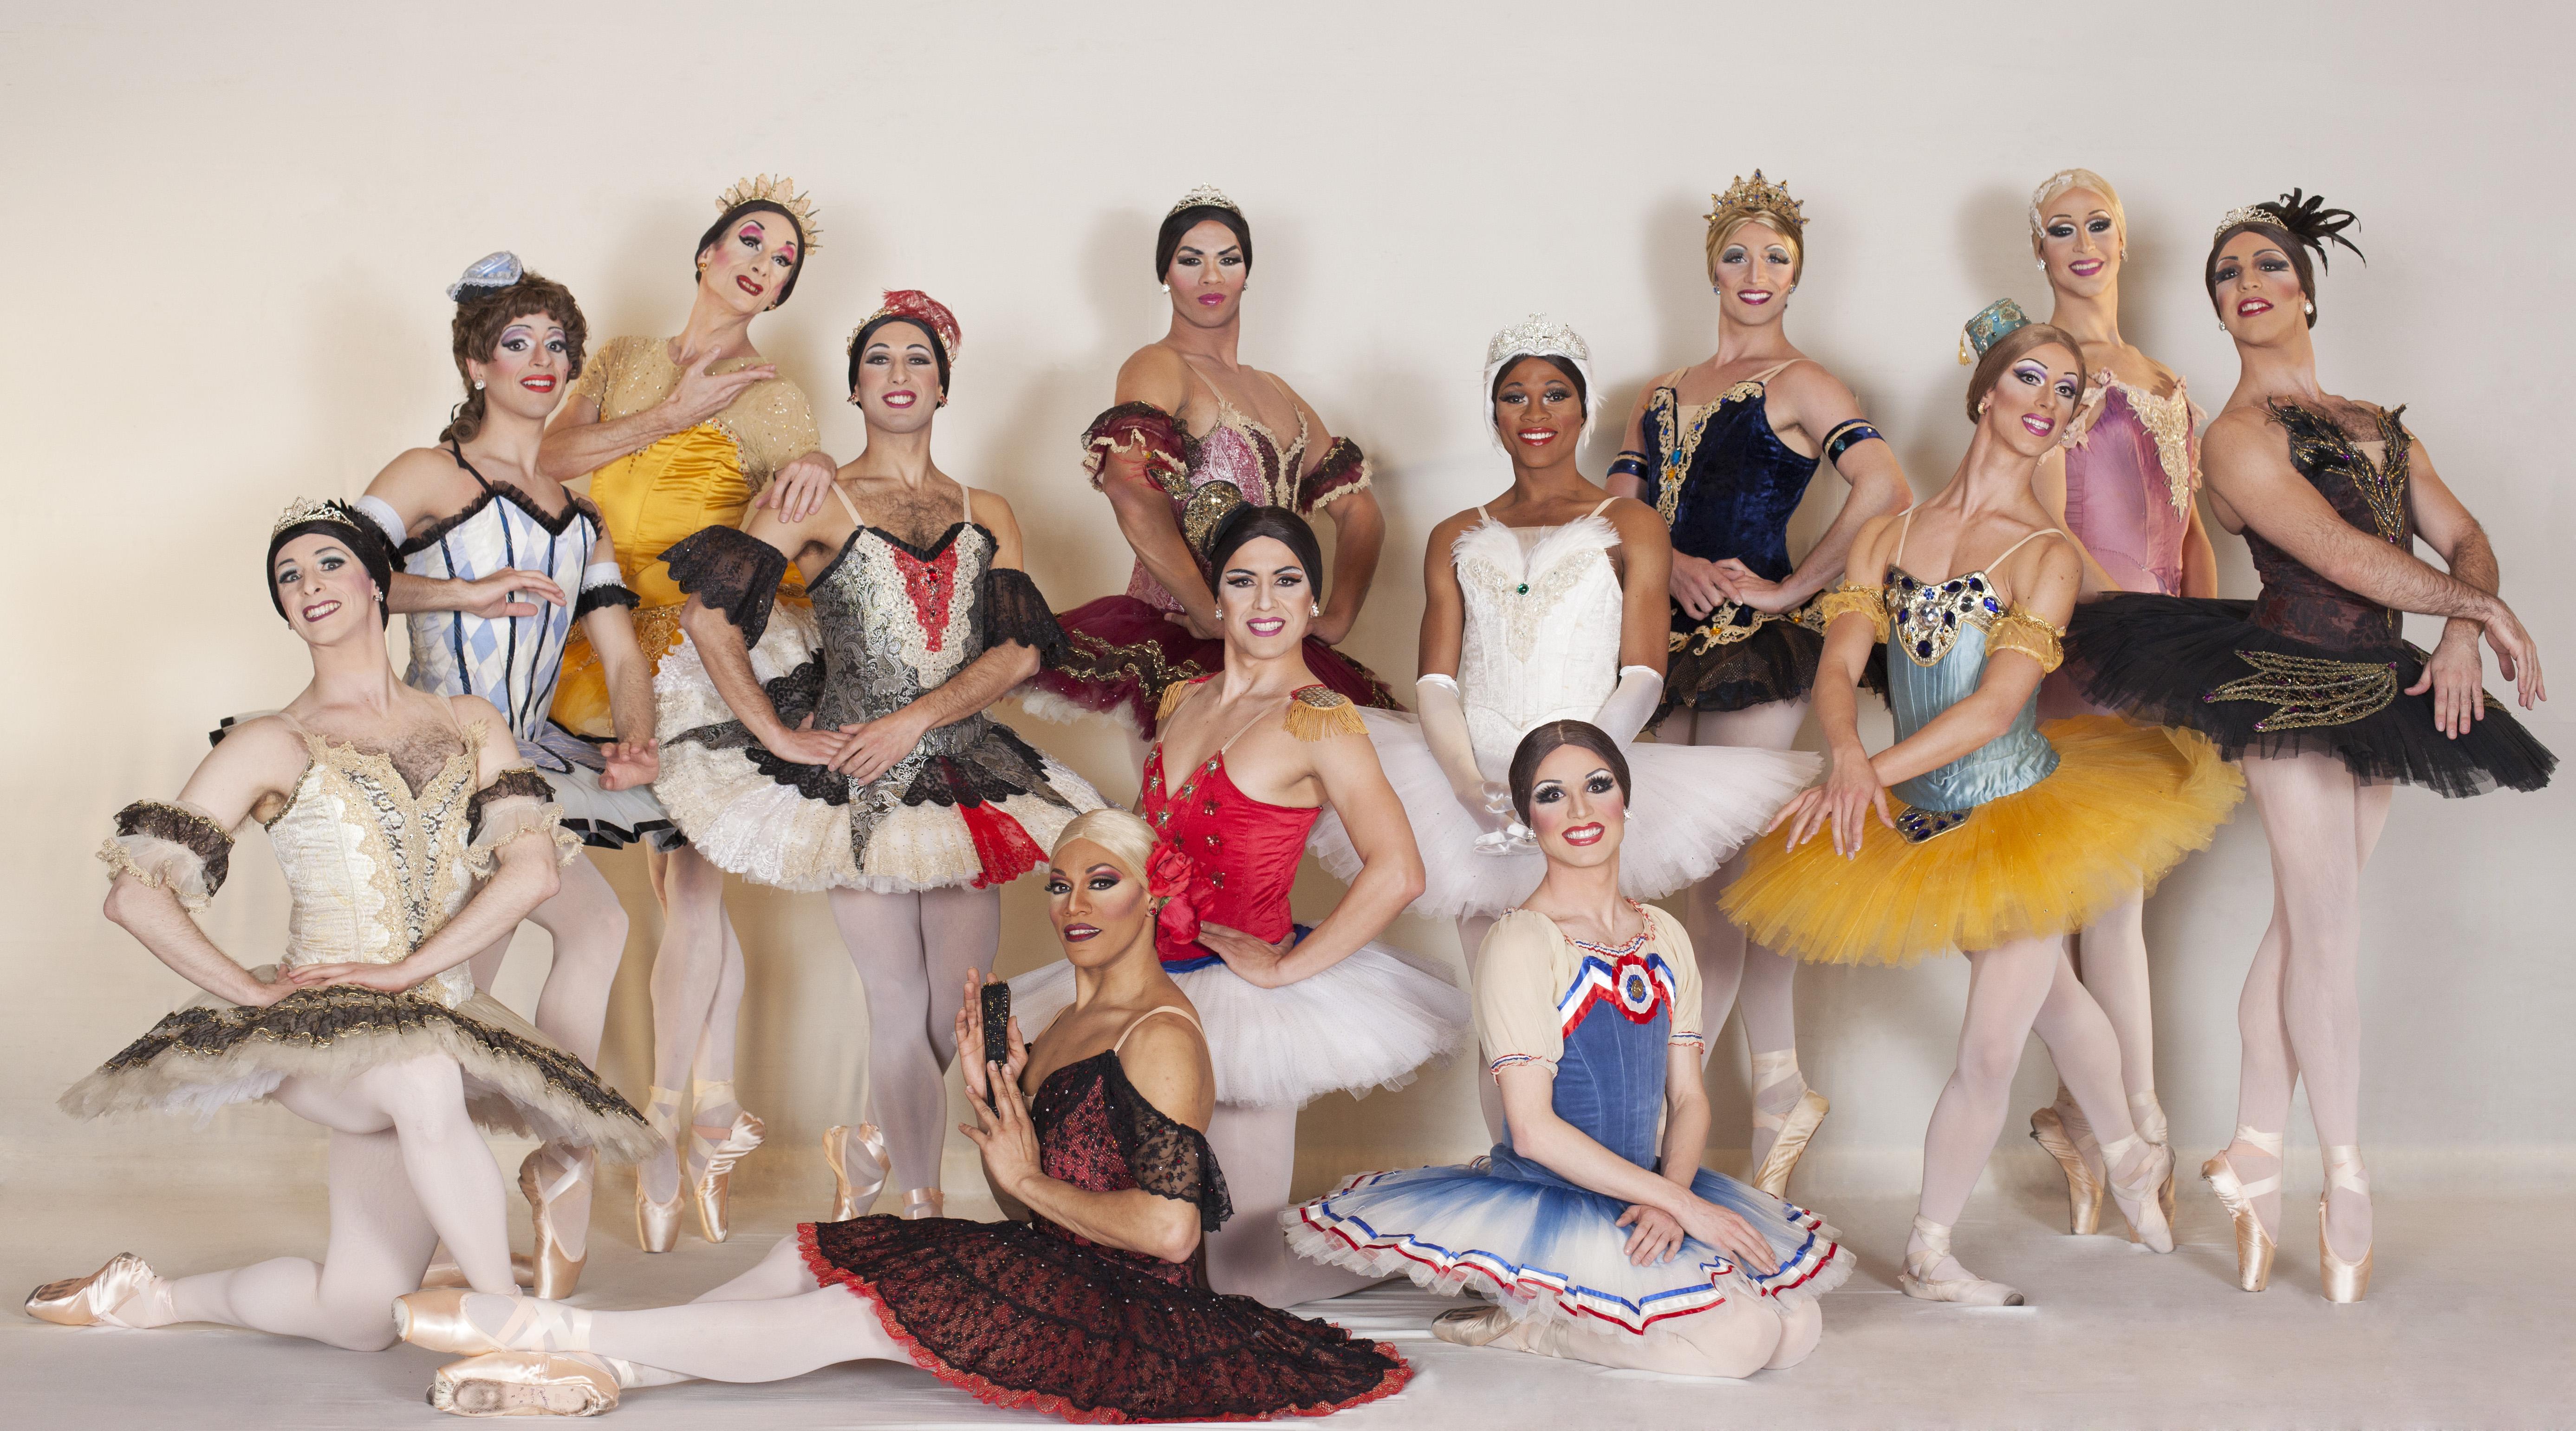 les ballets trockadero de monte carlo al teatro nuovo di danza effebi